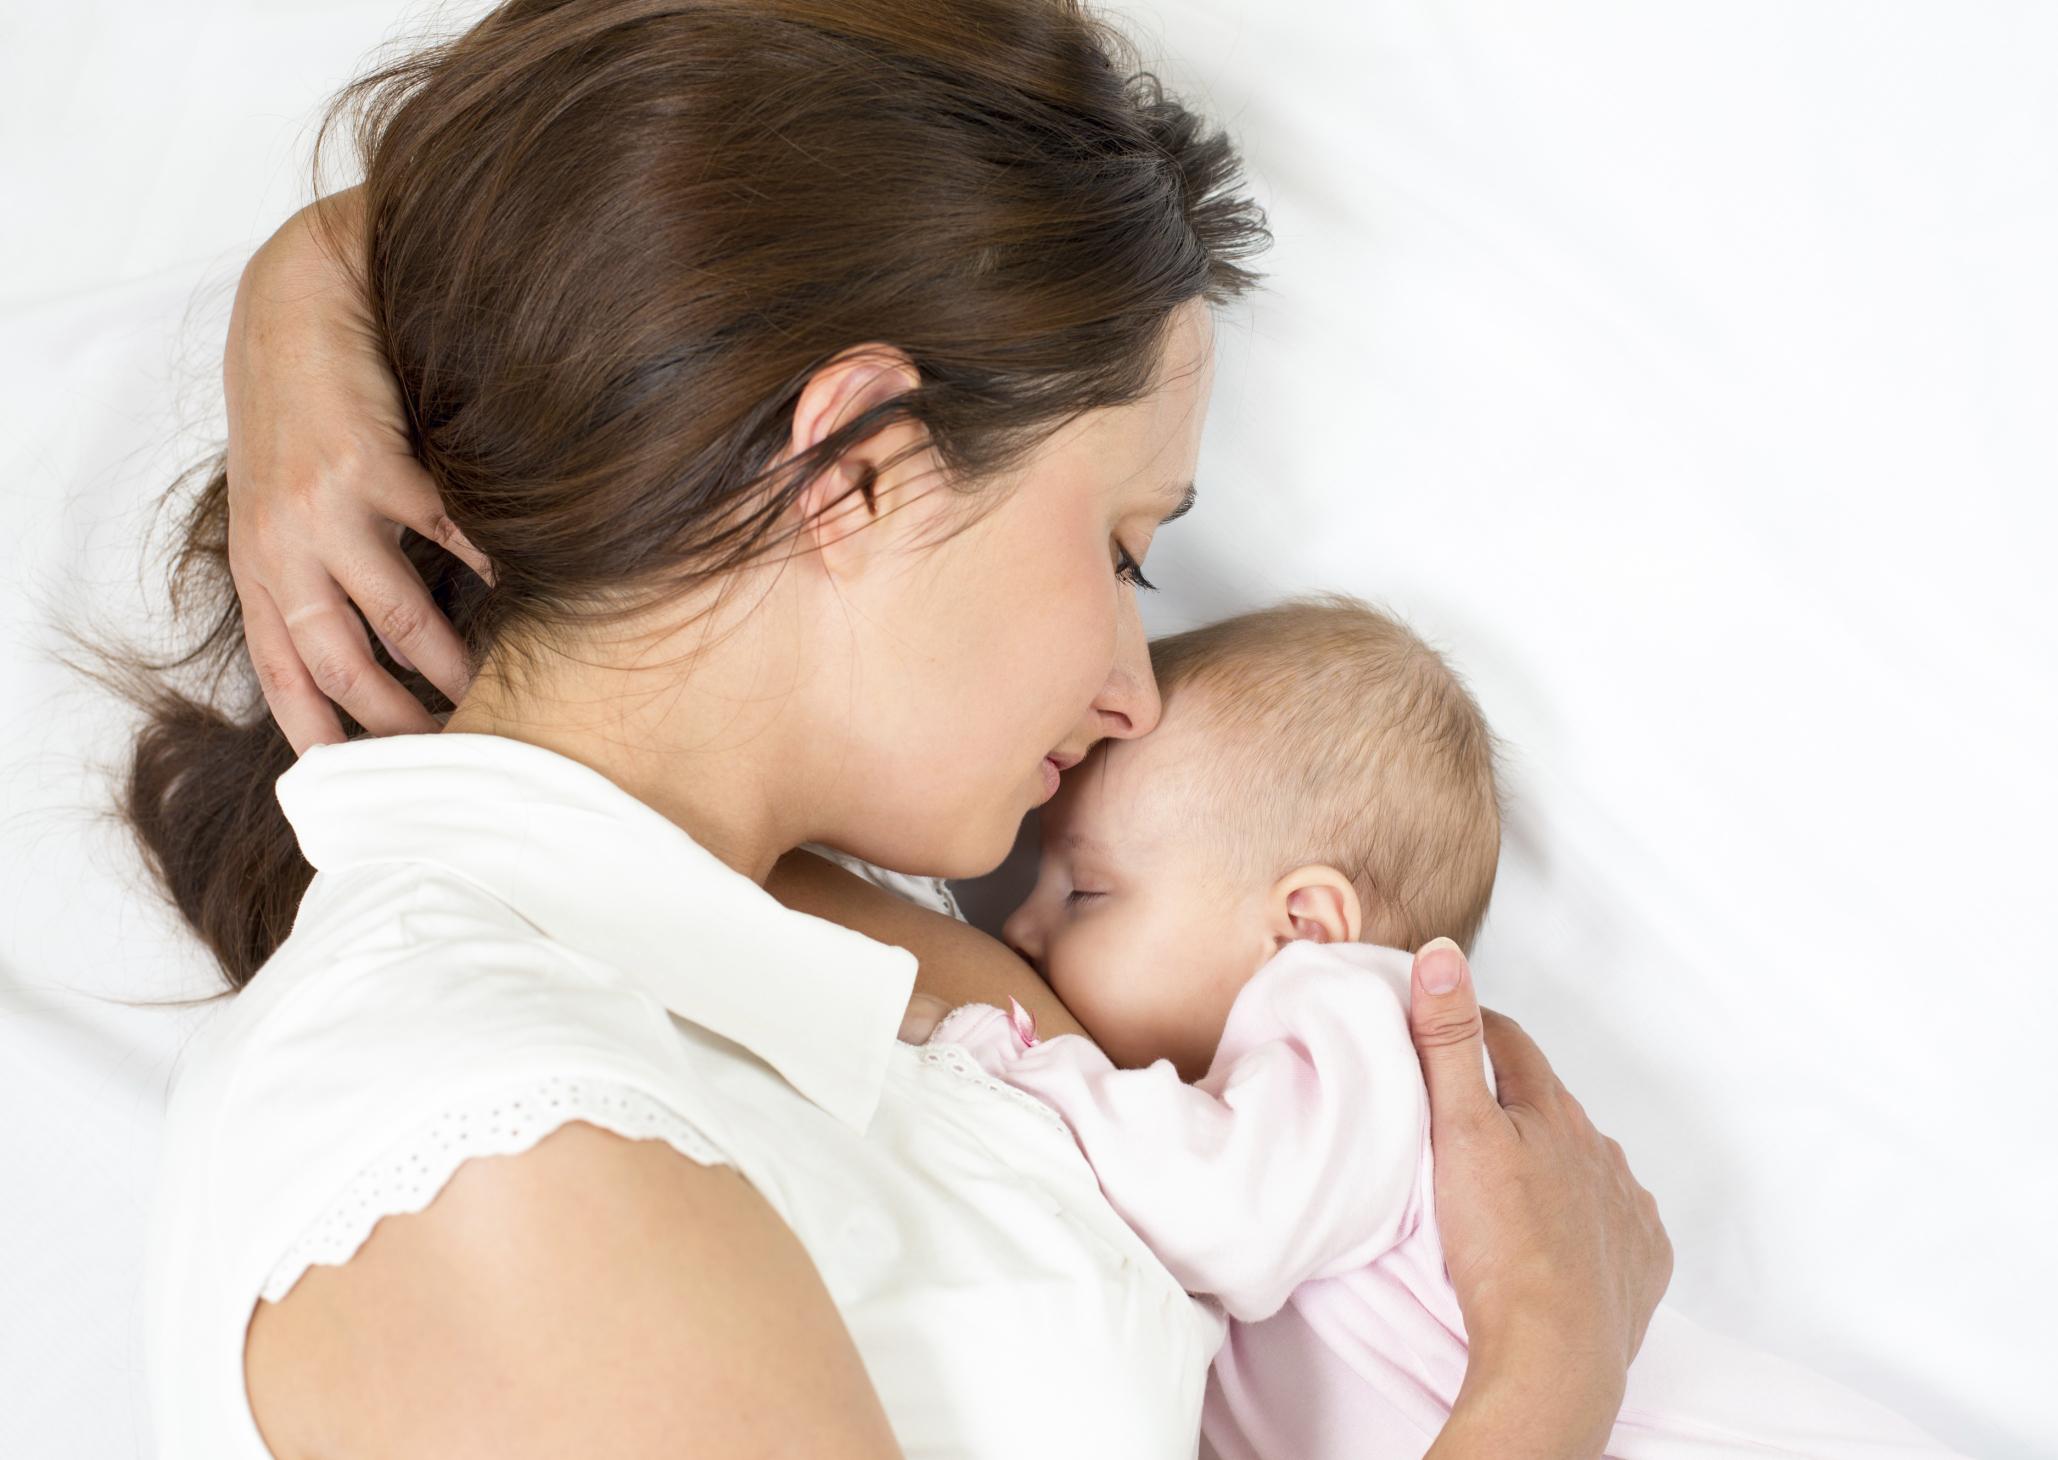 Madre dando el pecho a su bebé